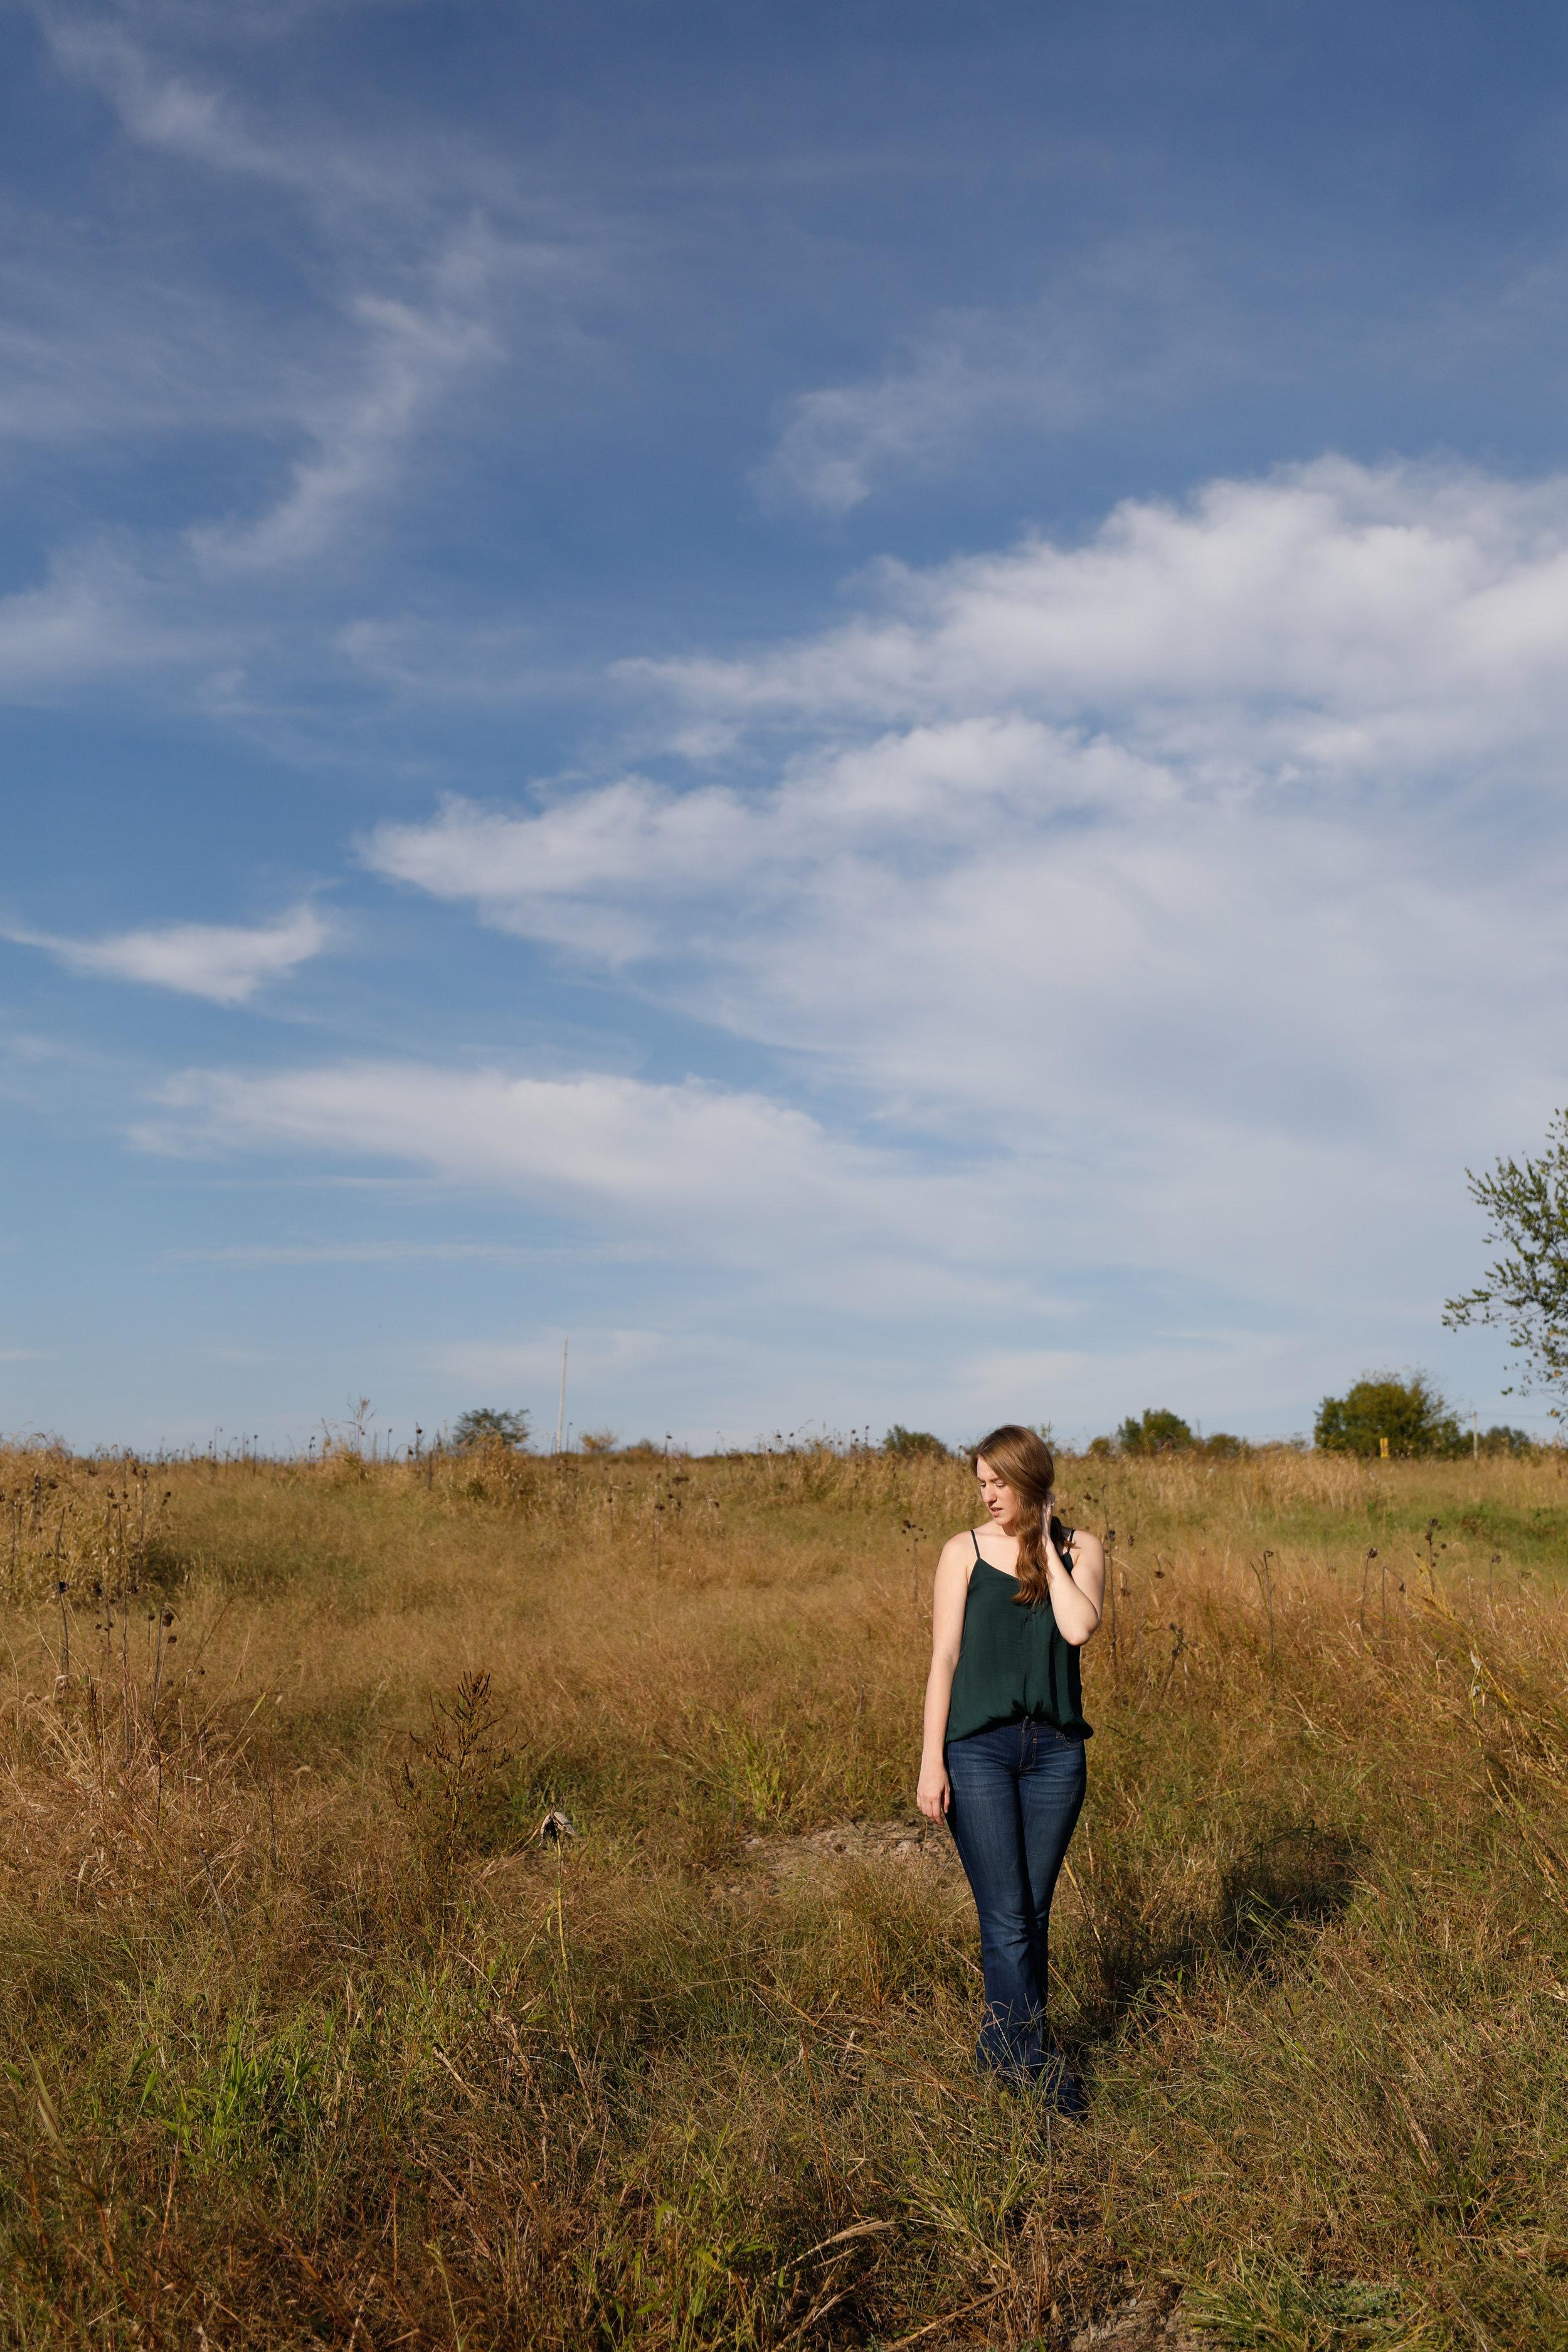 Katie-9673.jpg